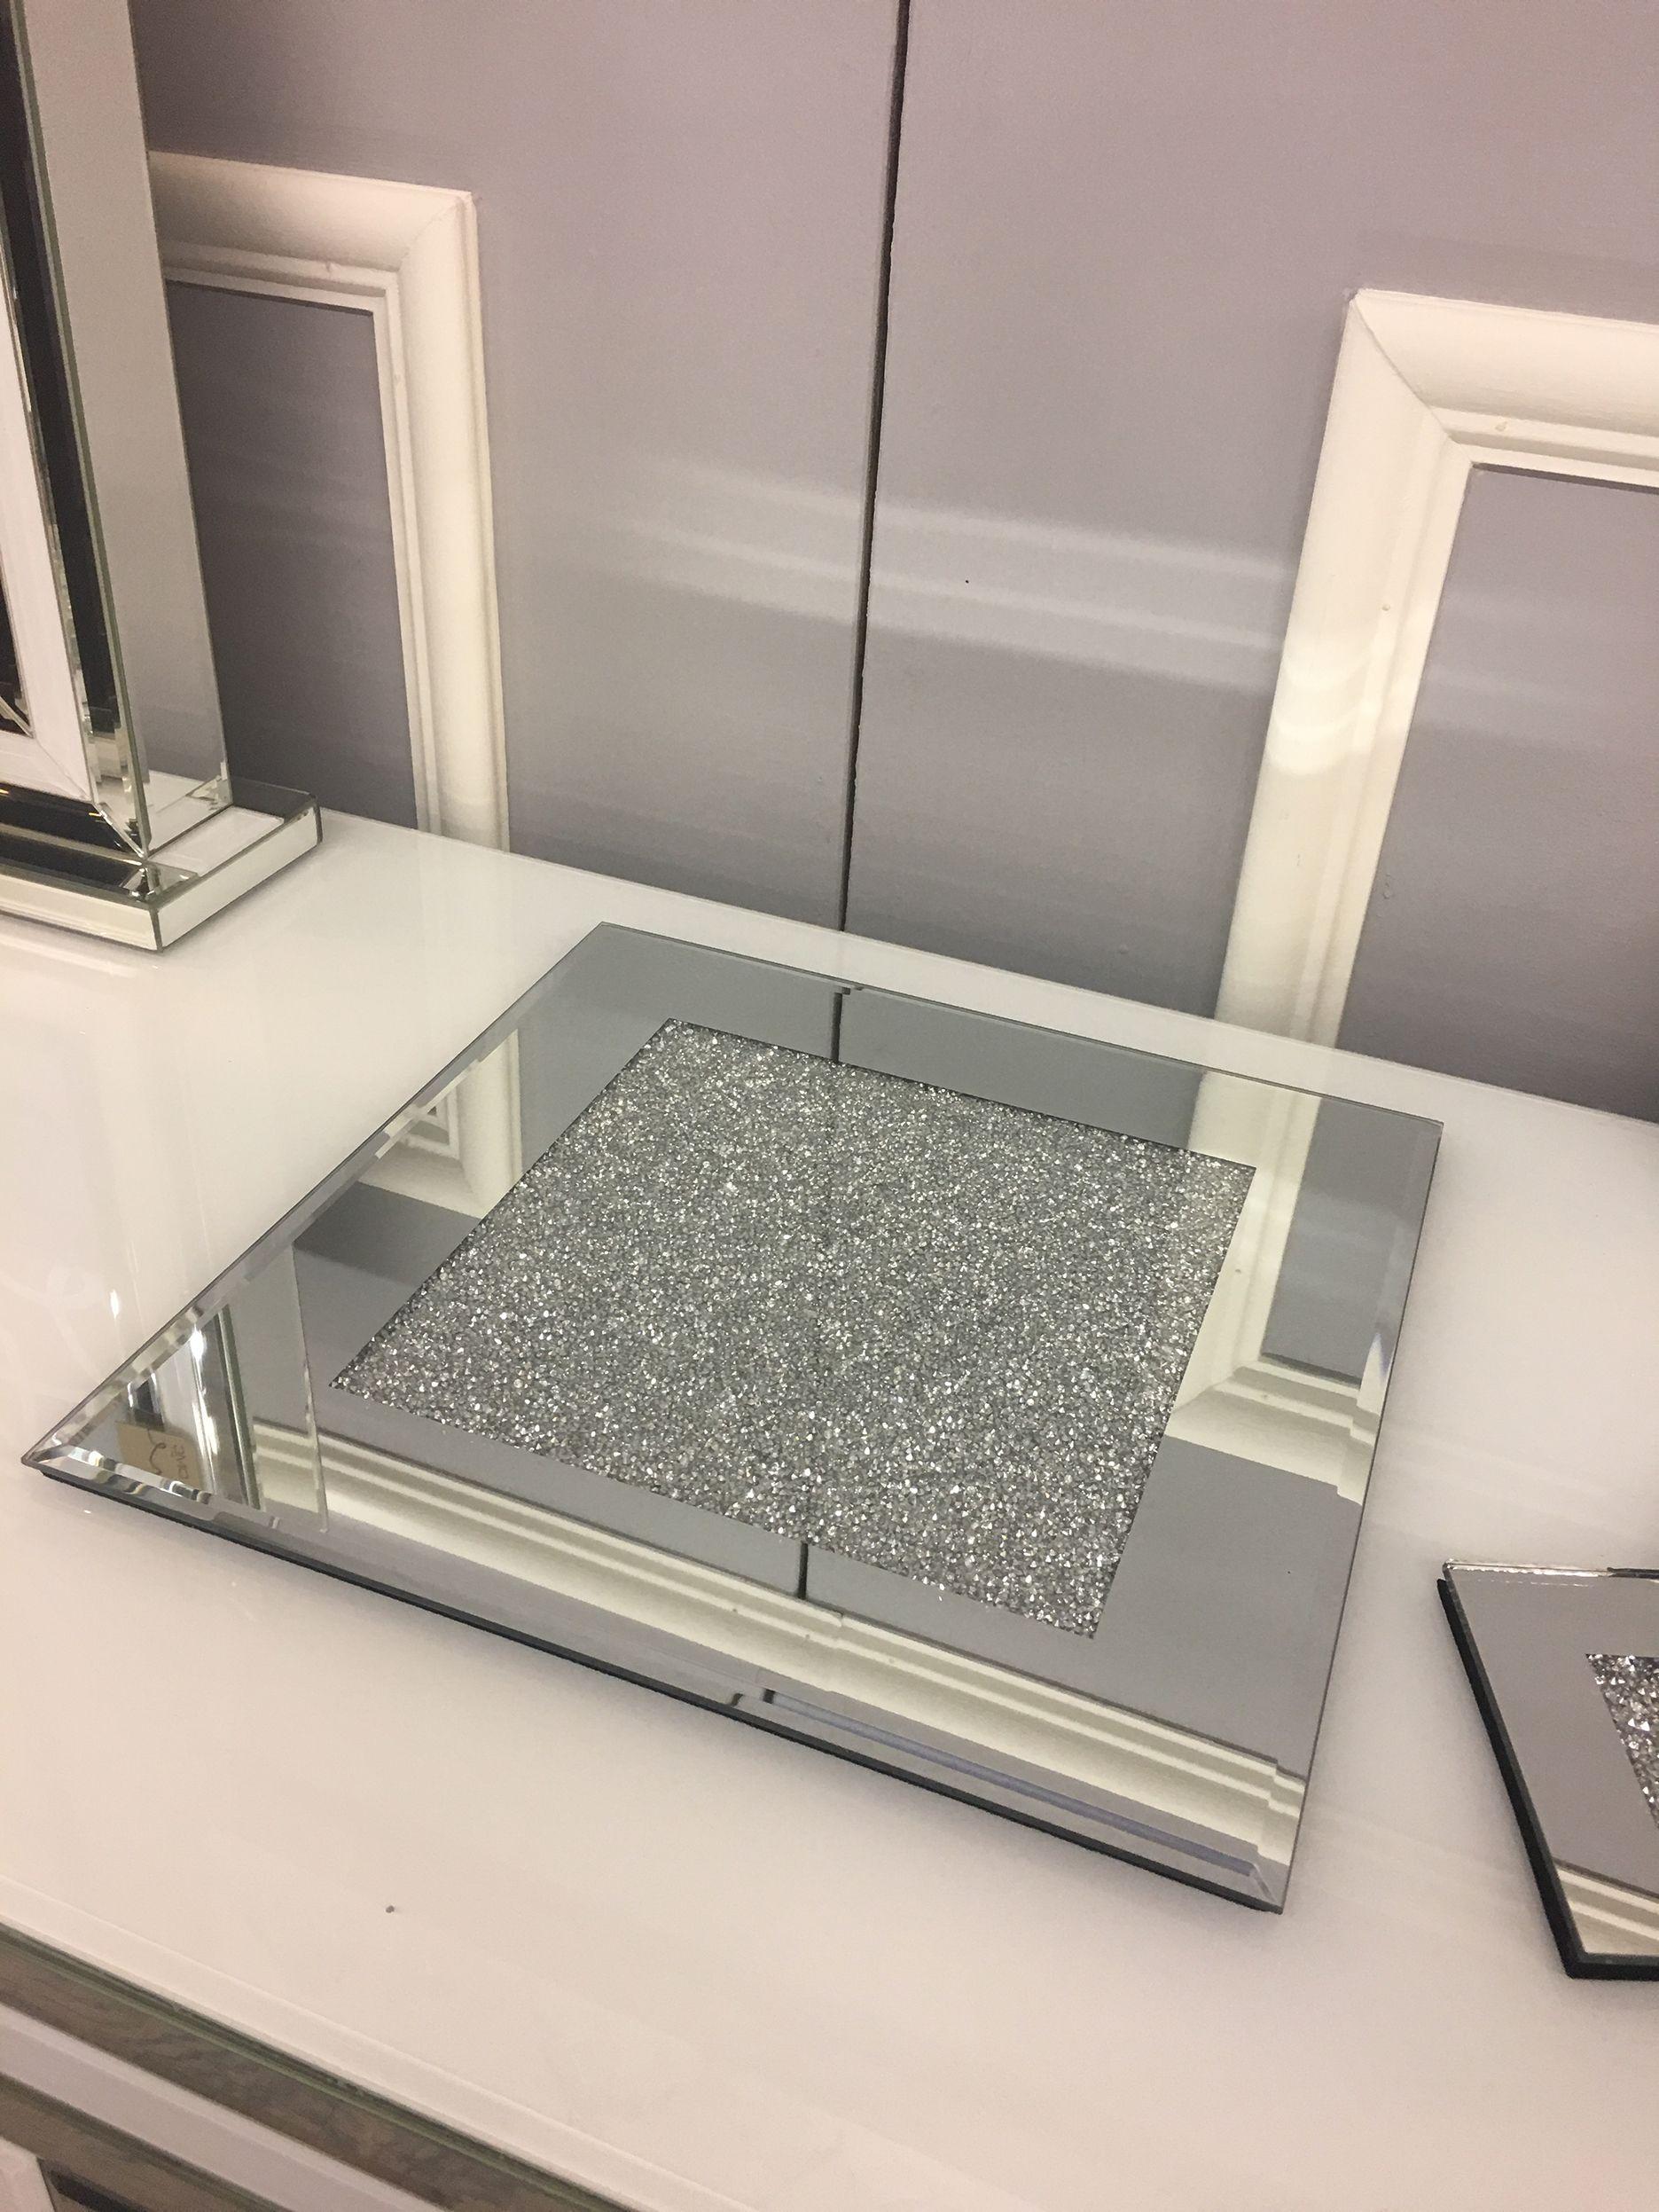 Stylish Square Glitter Mirrored Base